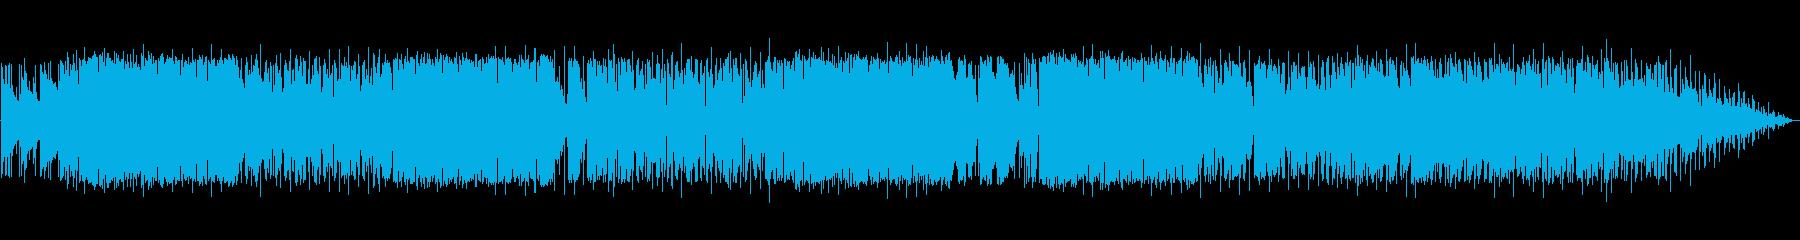 グルーヴィー。一方のマービンゲイ。の再生済みの波形